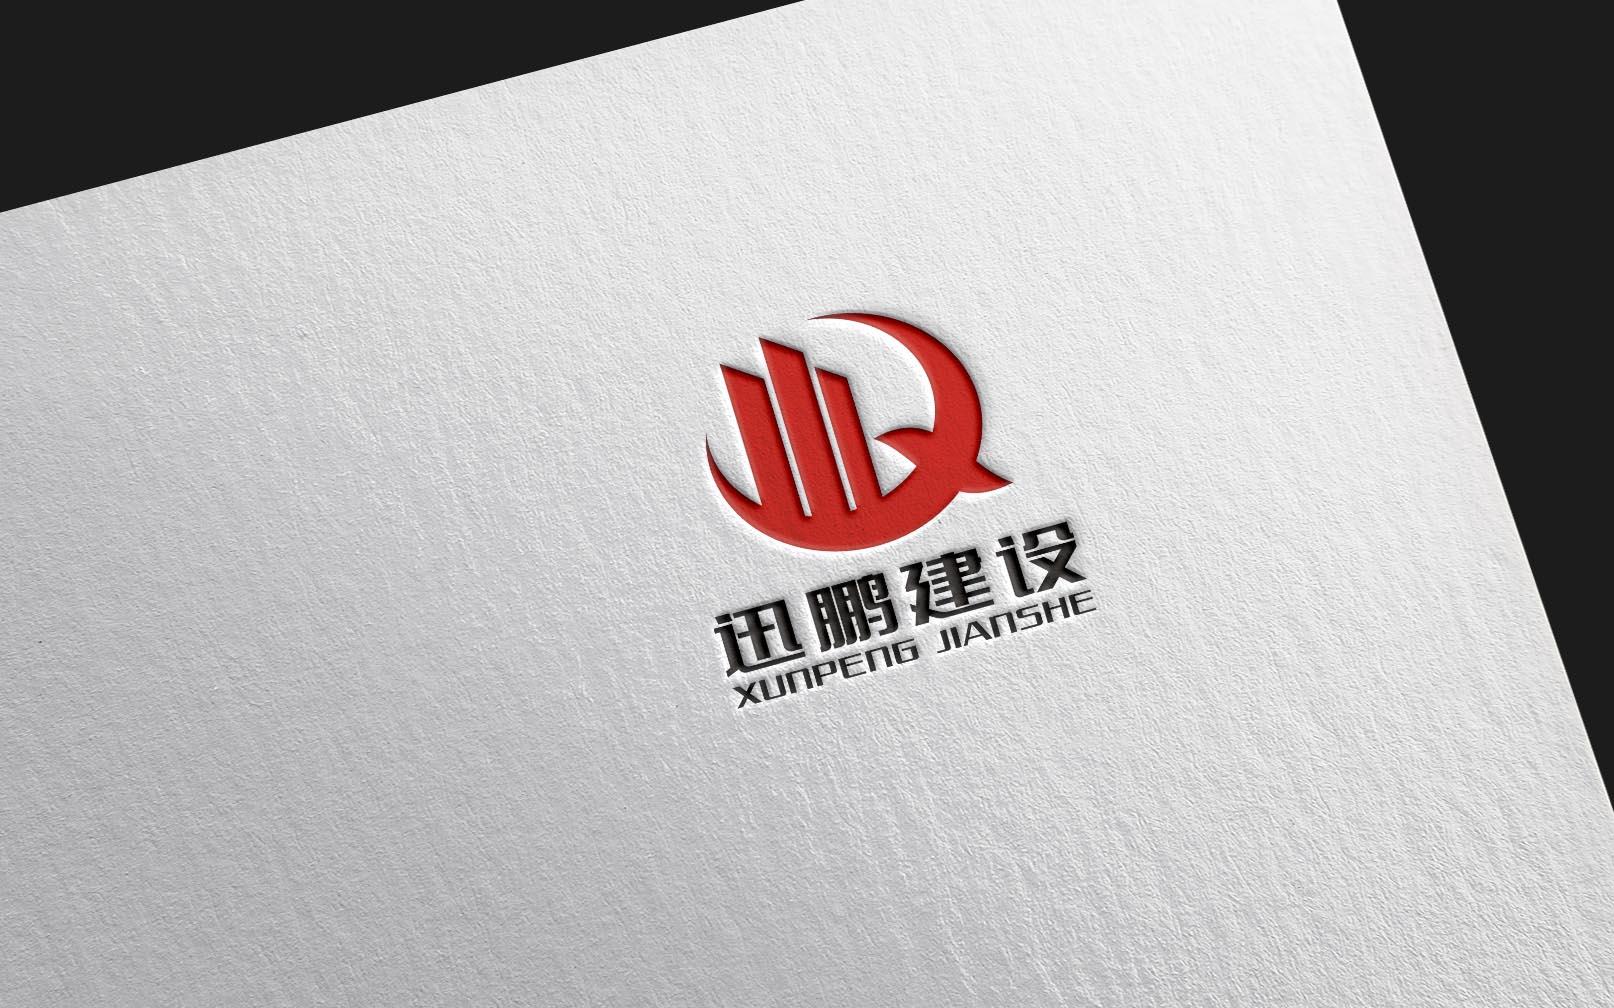 公司logo设计_3022155_k68威客网